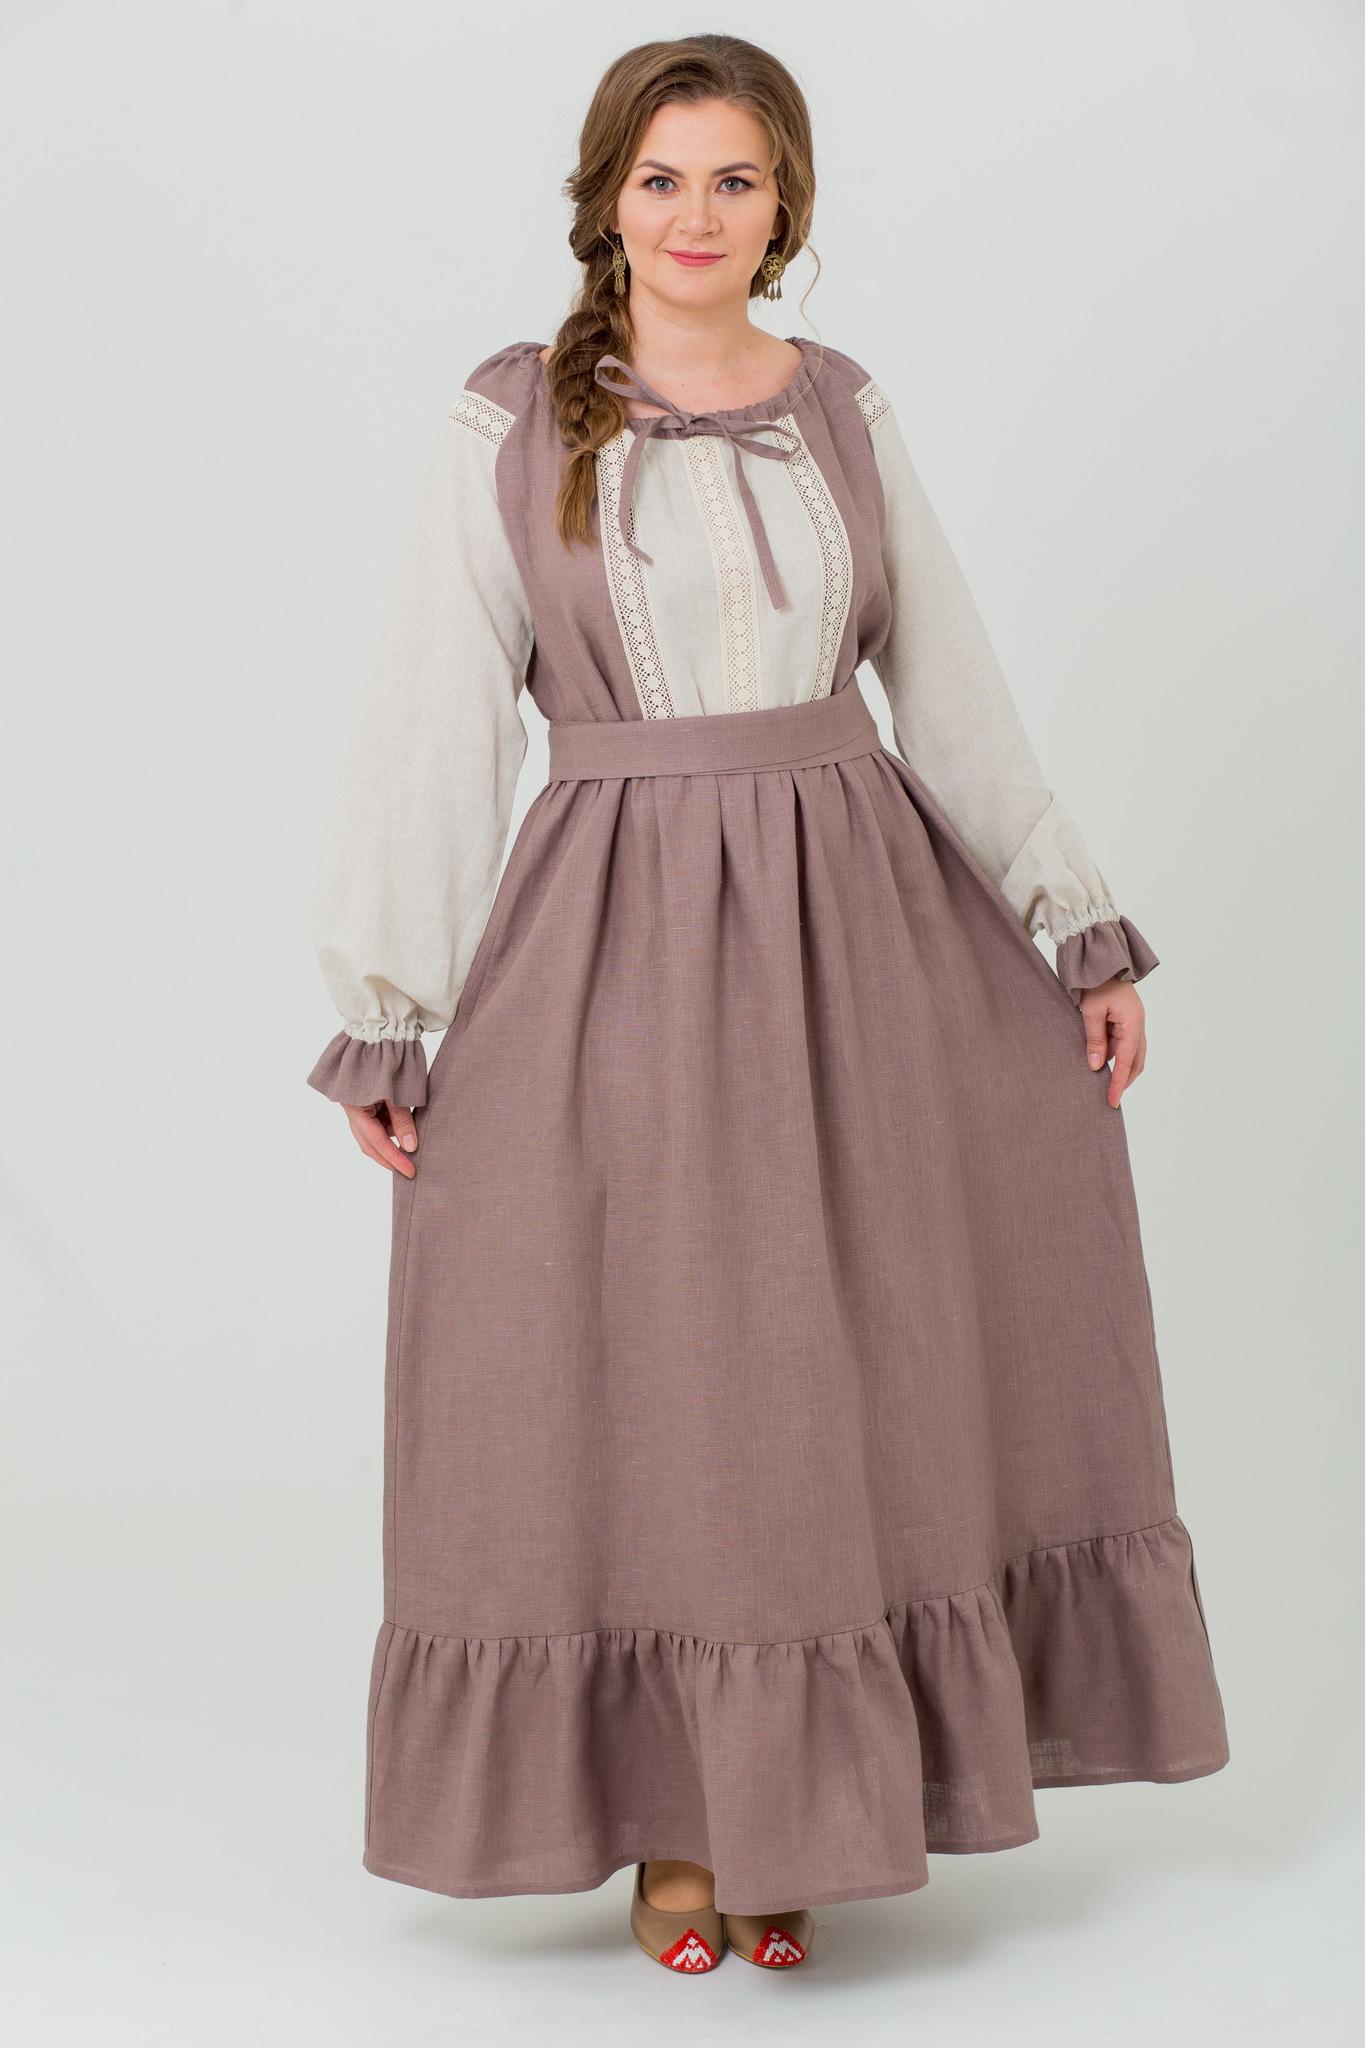 Платье льняное Тихий вечер в русском стиле